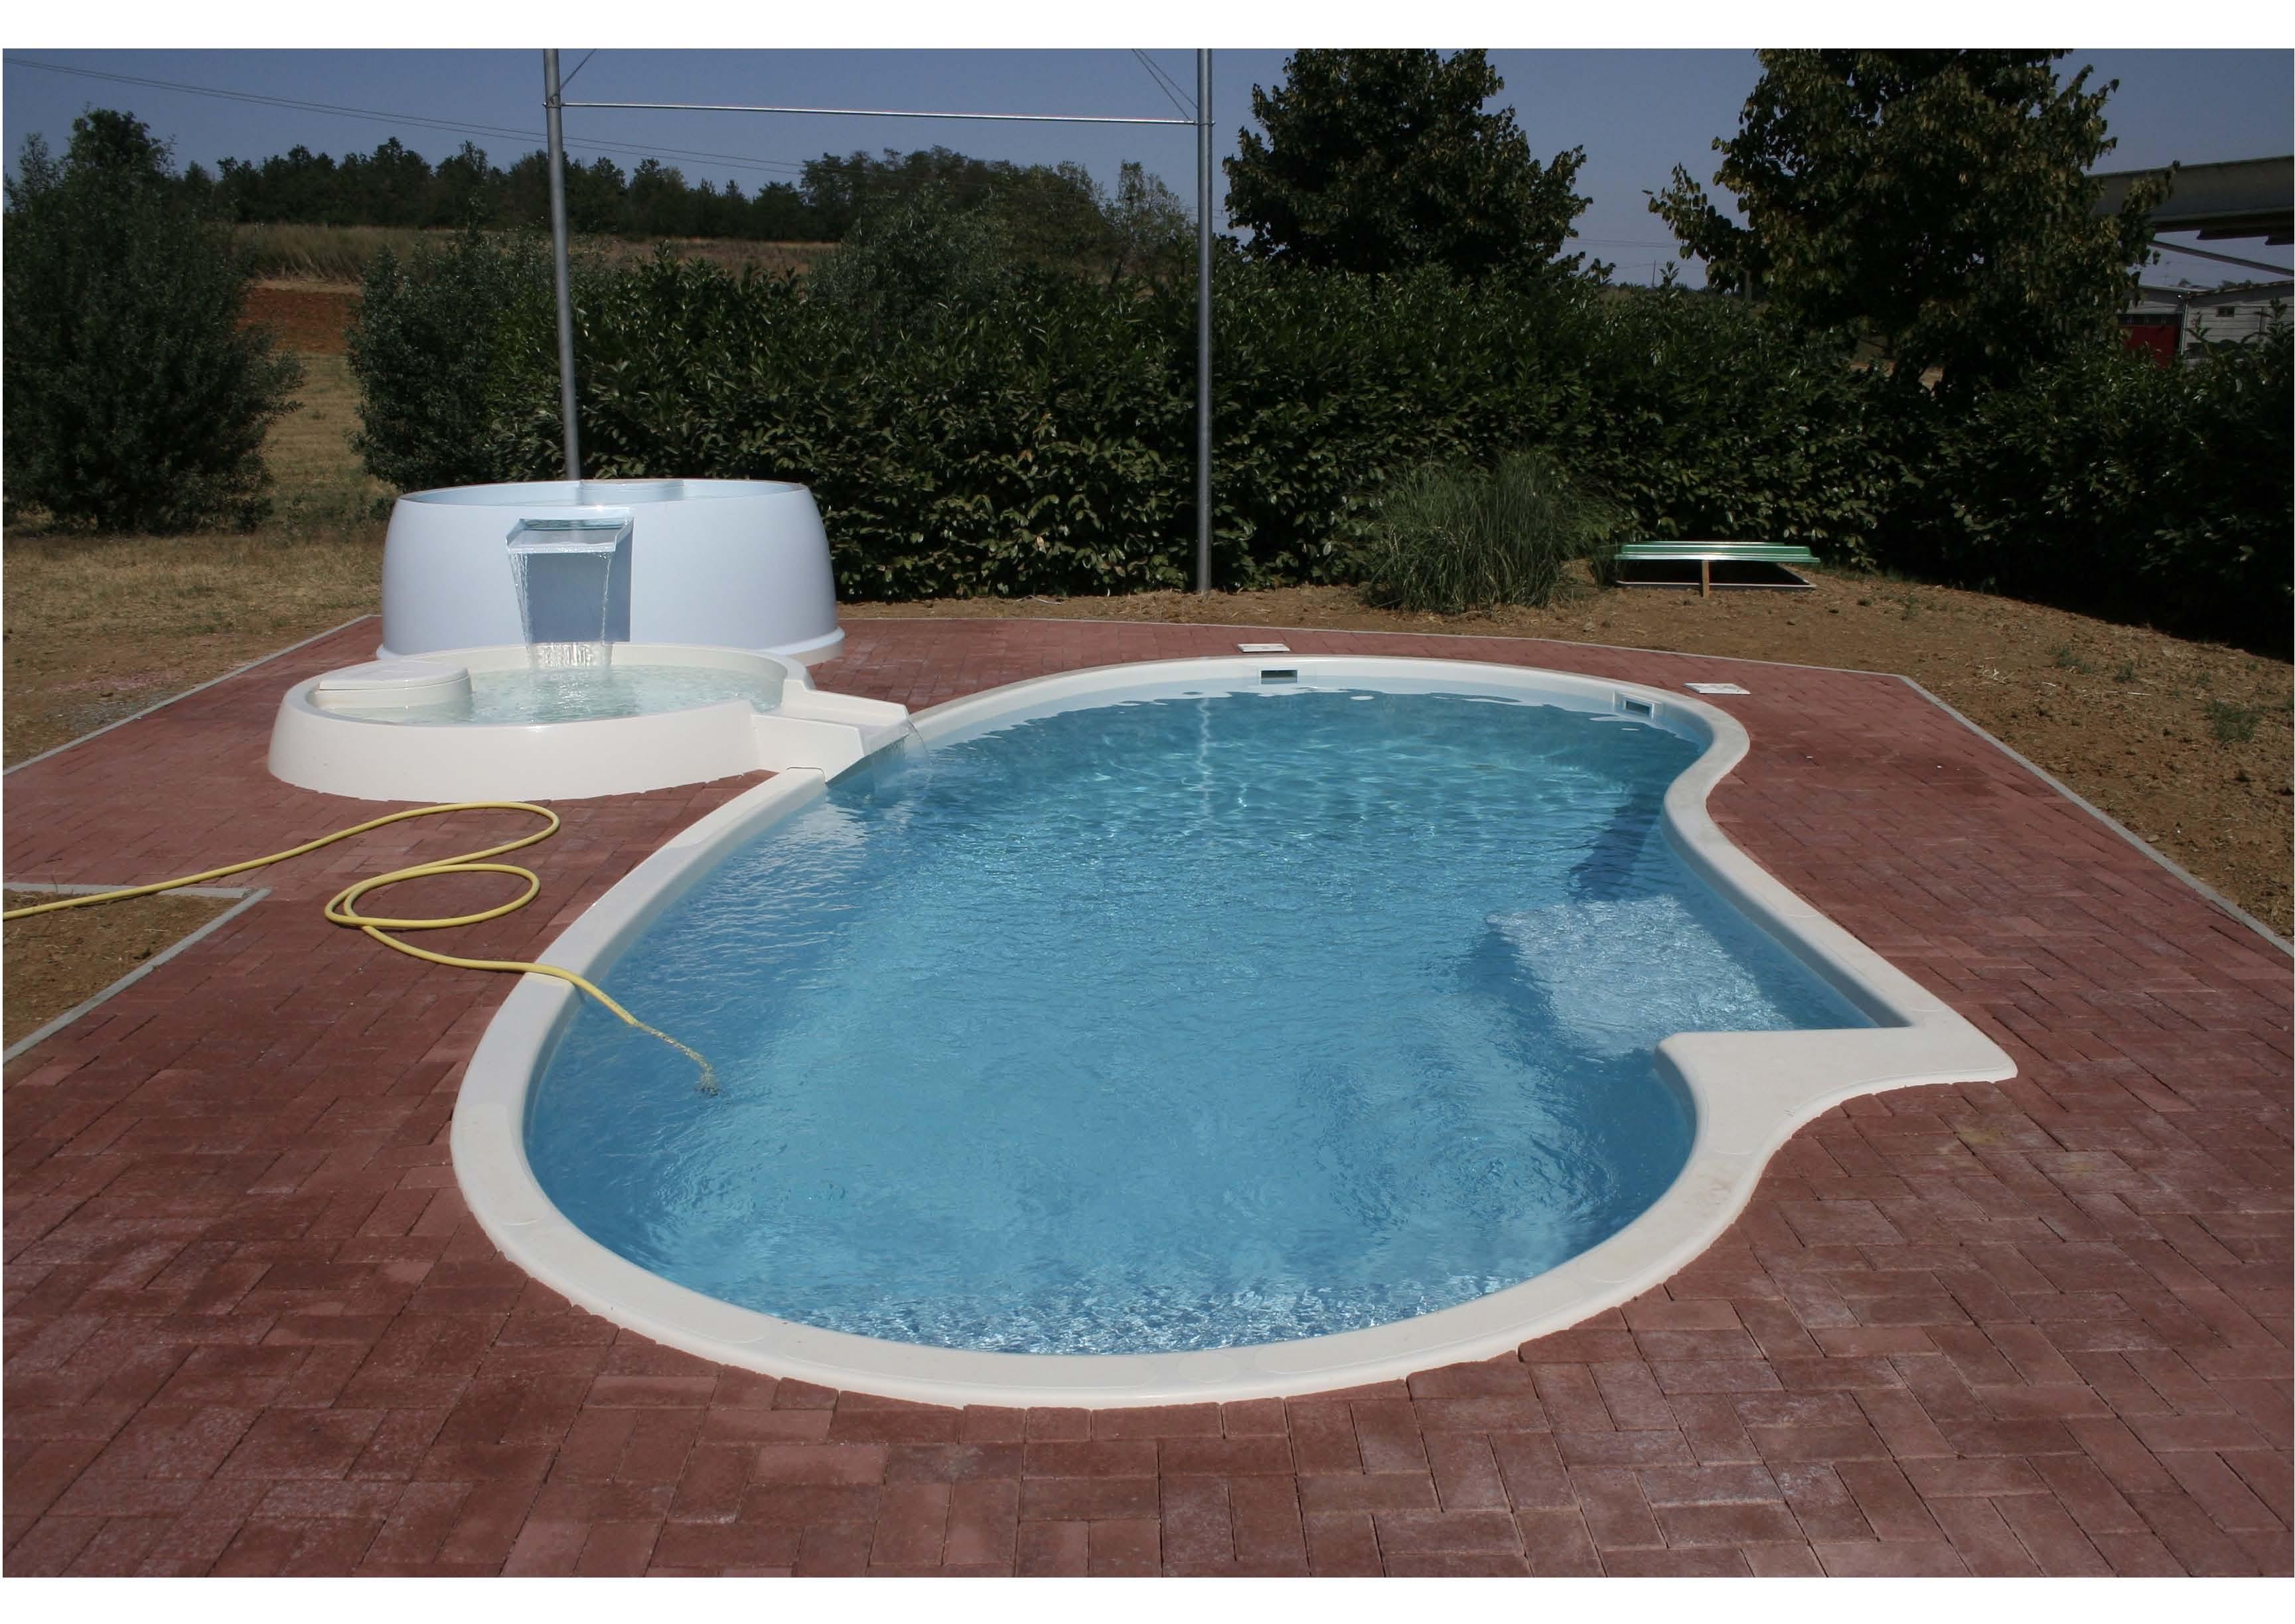 Vetroresina monoblocco - Prezzo piscina vetroresina ...